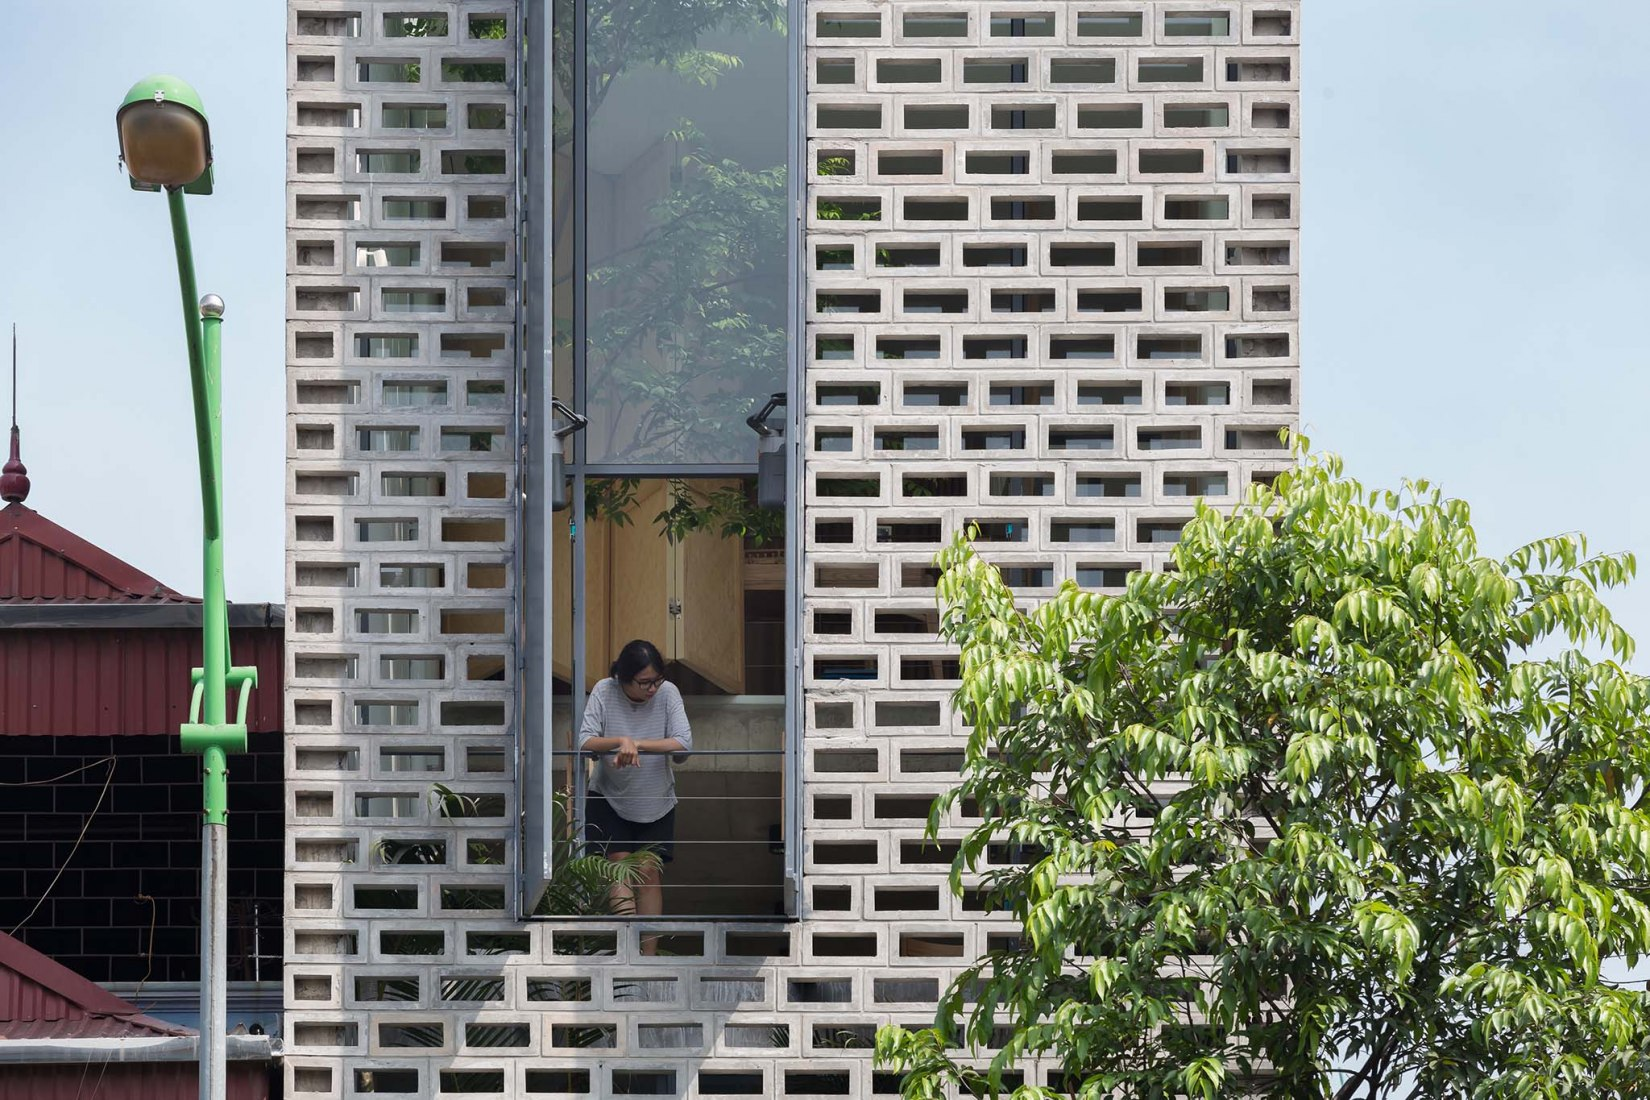 Casa CH por ODDO architects. Fotografía por Hoang Le photography